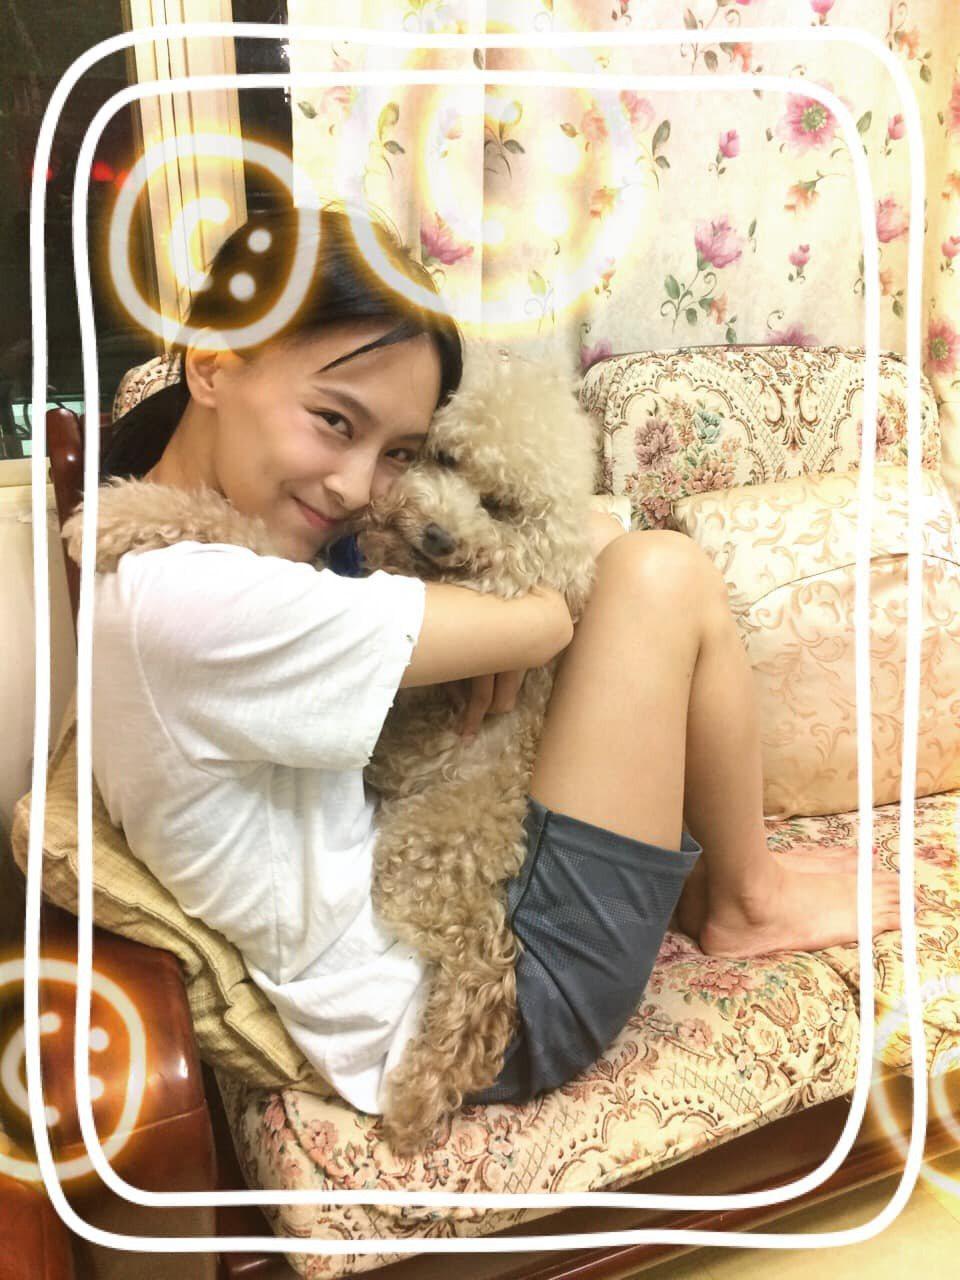 陳瑋薇與她離世的愛犬葛格。圖/齊石提供